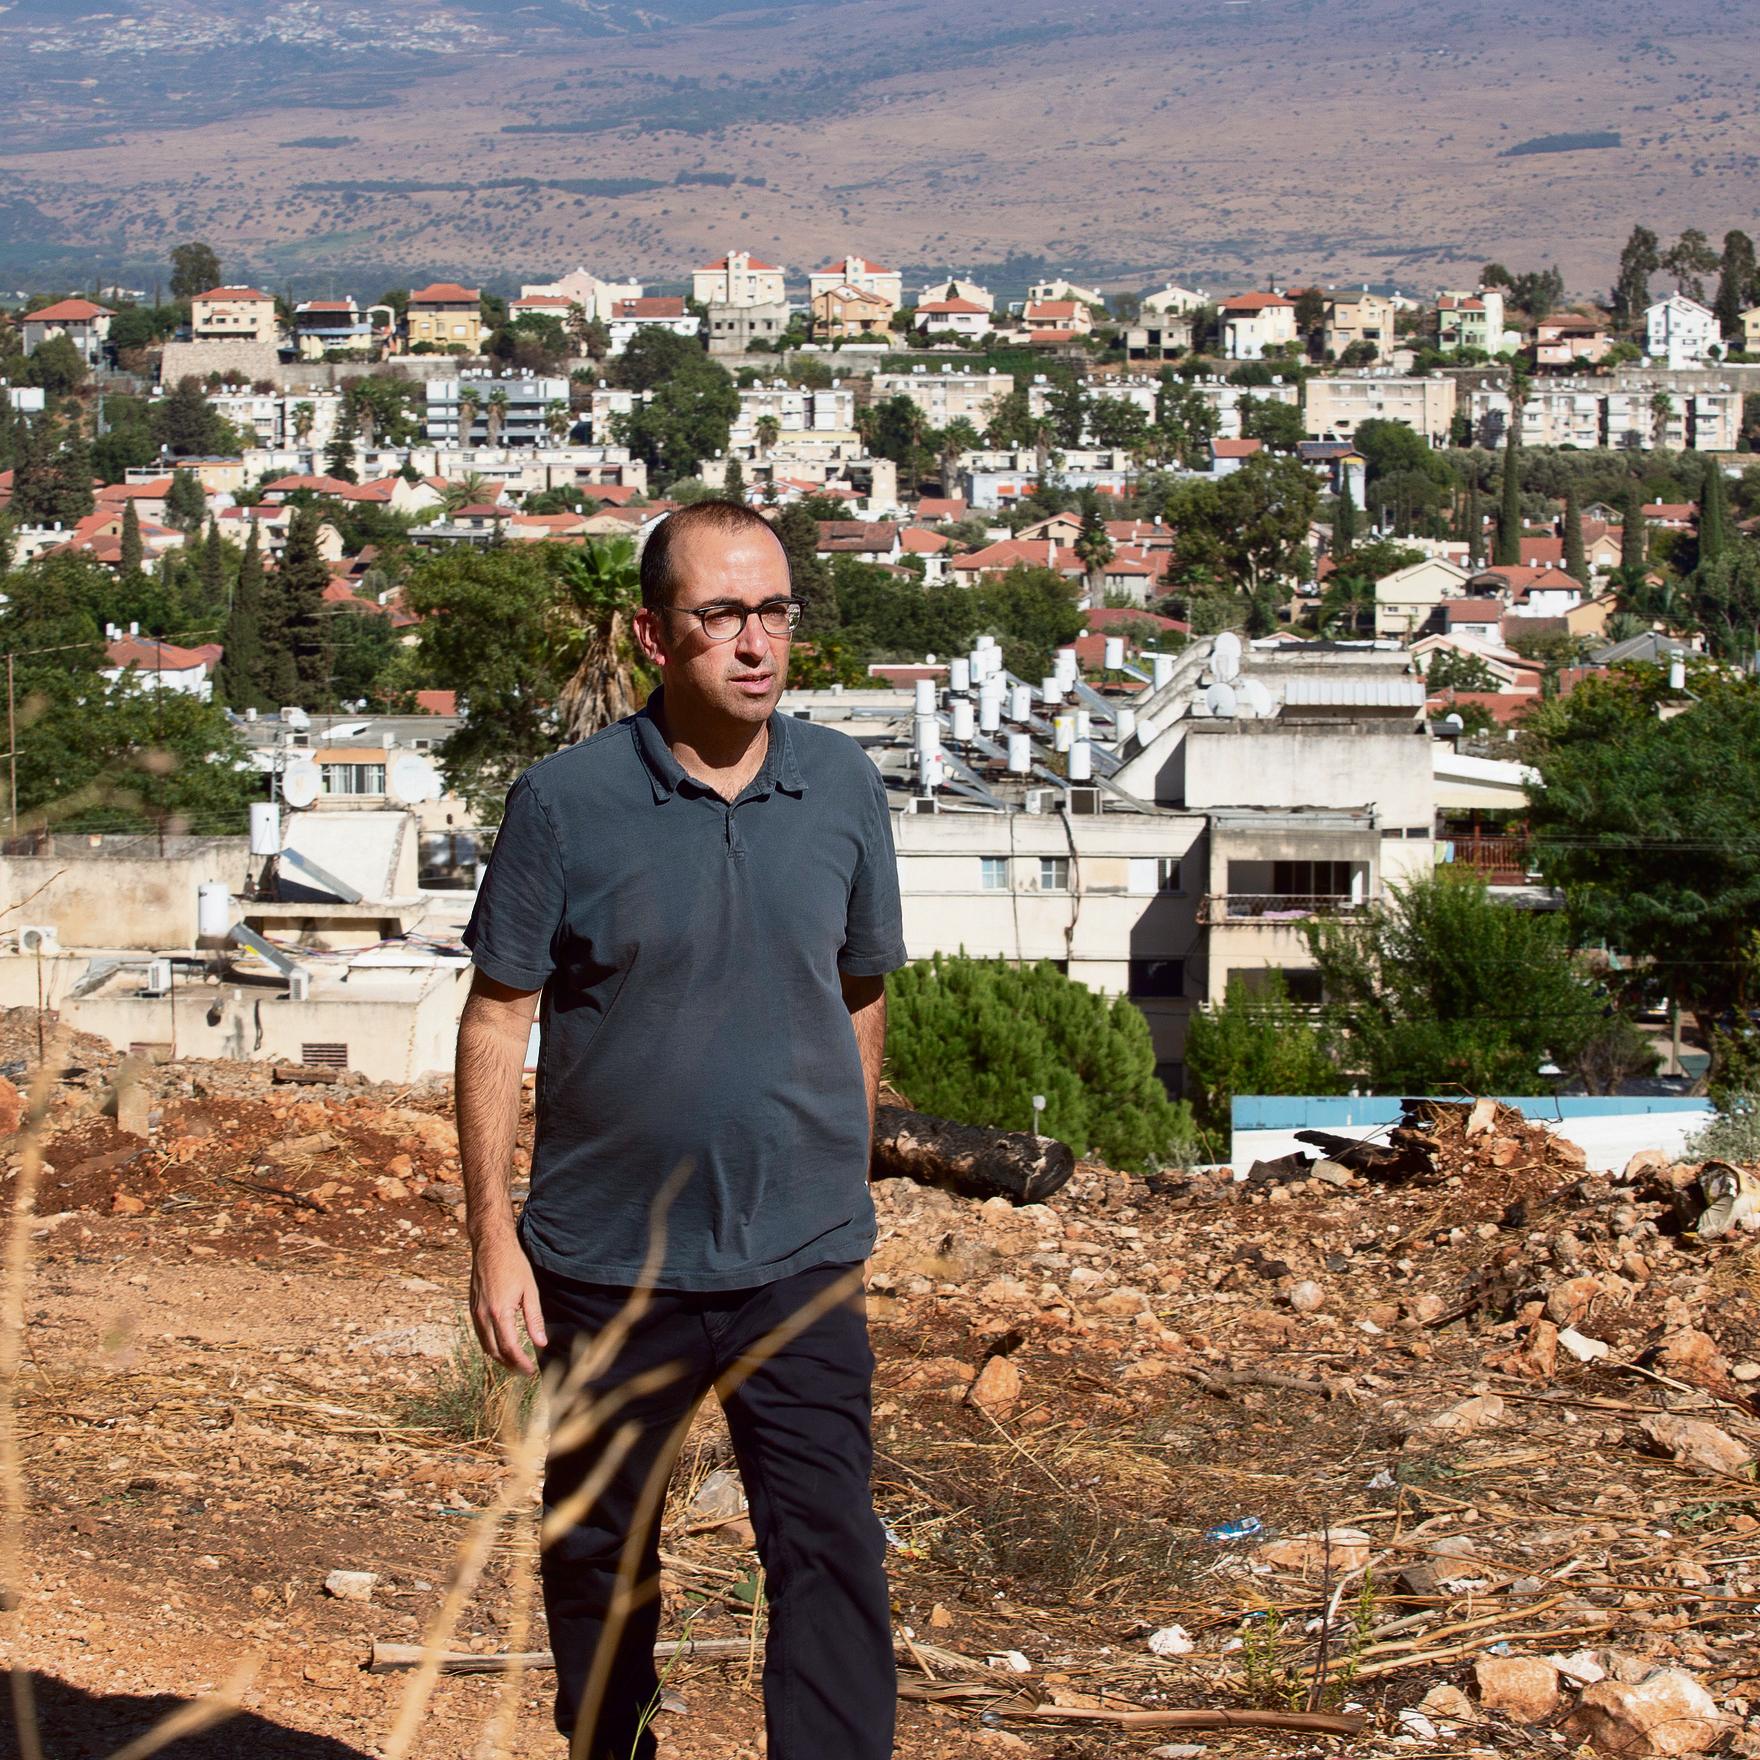 קריית־שמונה תמשיך כנראה לחכות למדינת ישראל. שריד במהלך הביקור | צילום: אביגיל עוזי